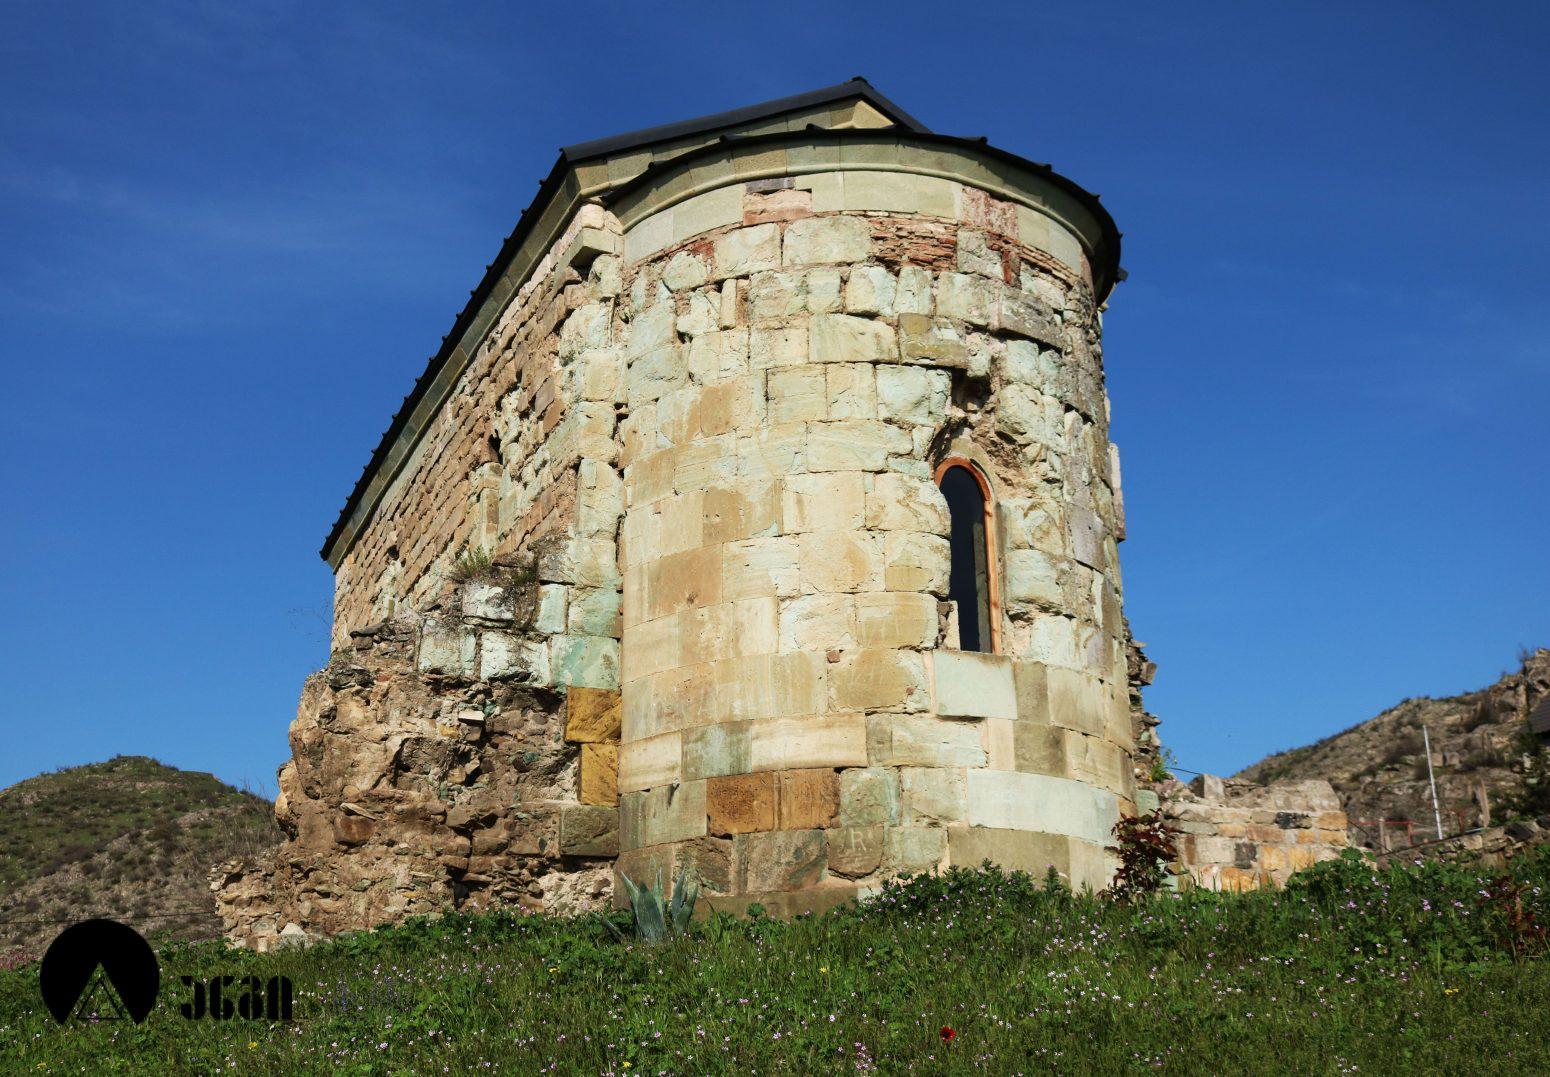 ქვემო ბოლნისის წმინდა გიორგის ეკლესია